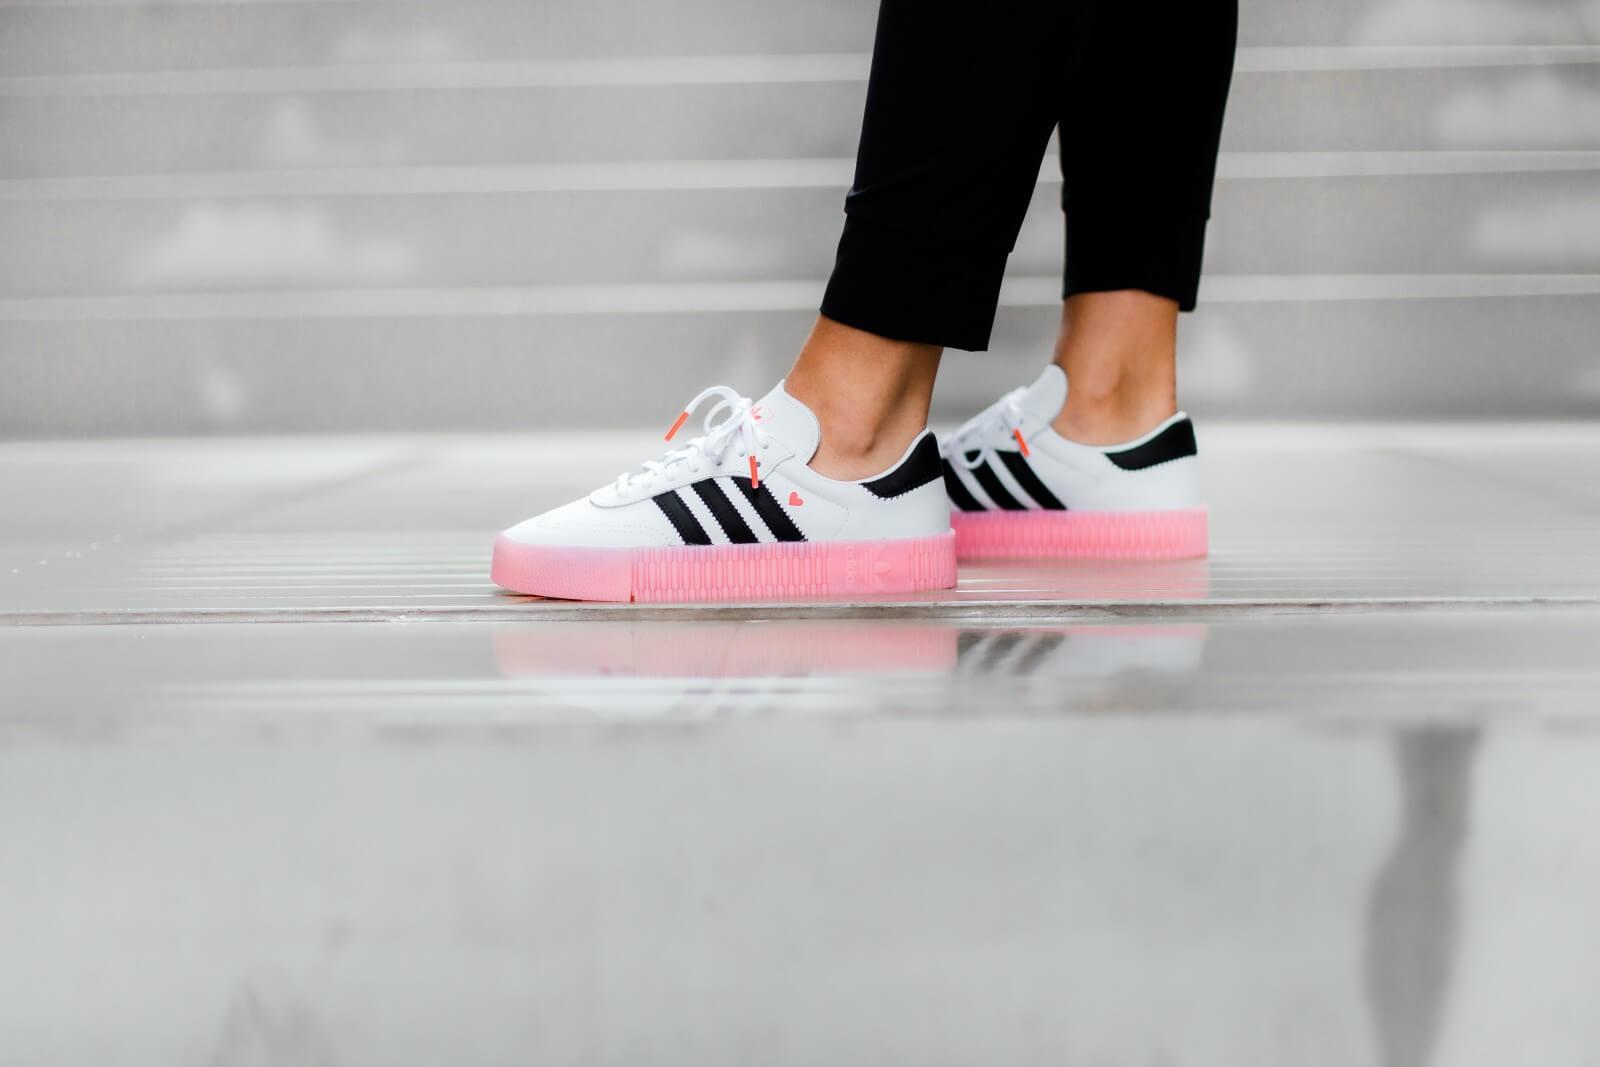 Adidas Women's Sambarose Footwear White